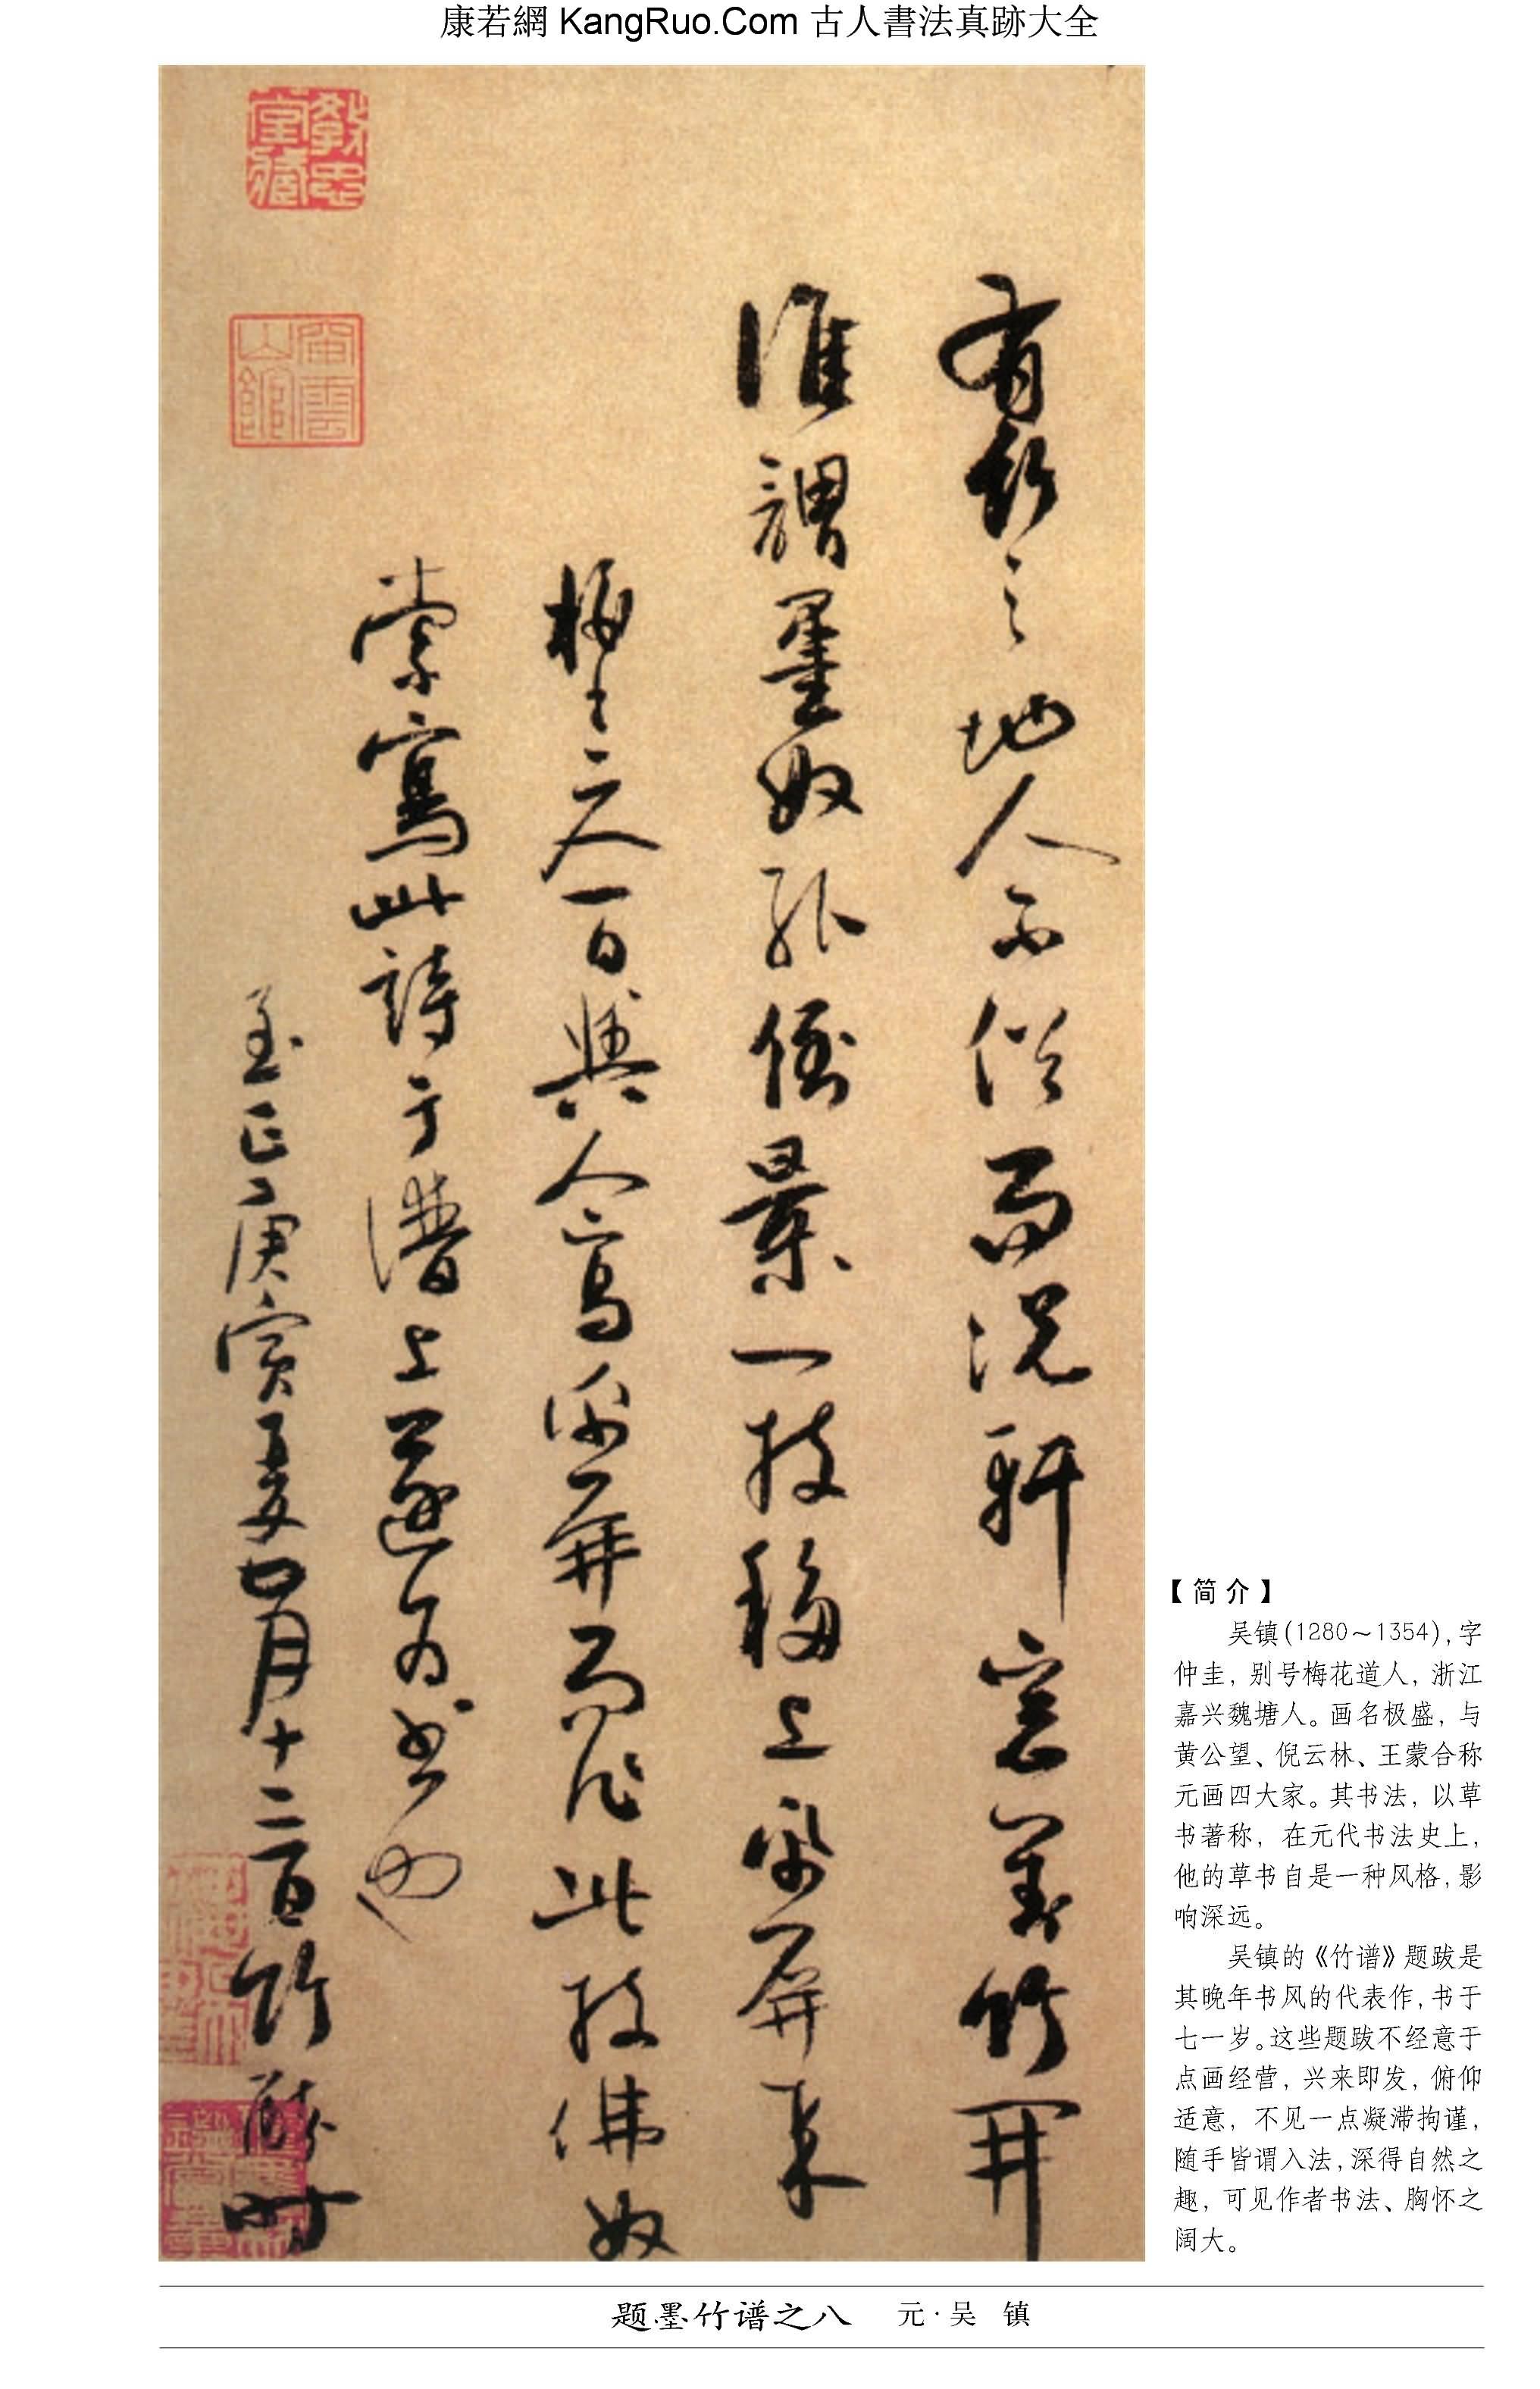 《題墨竹譜之八》書法真跡(草書)【元朝·吳鎮】_00153